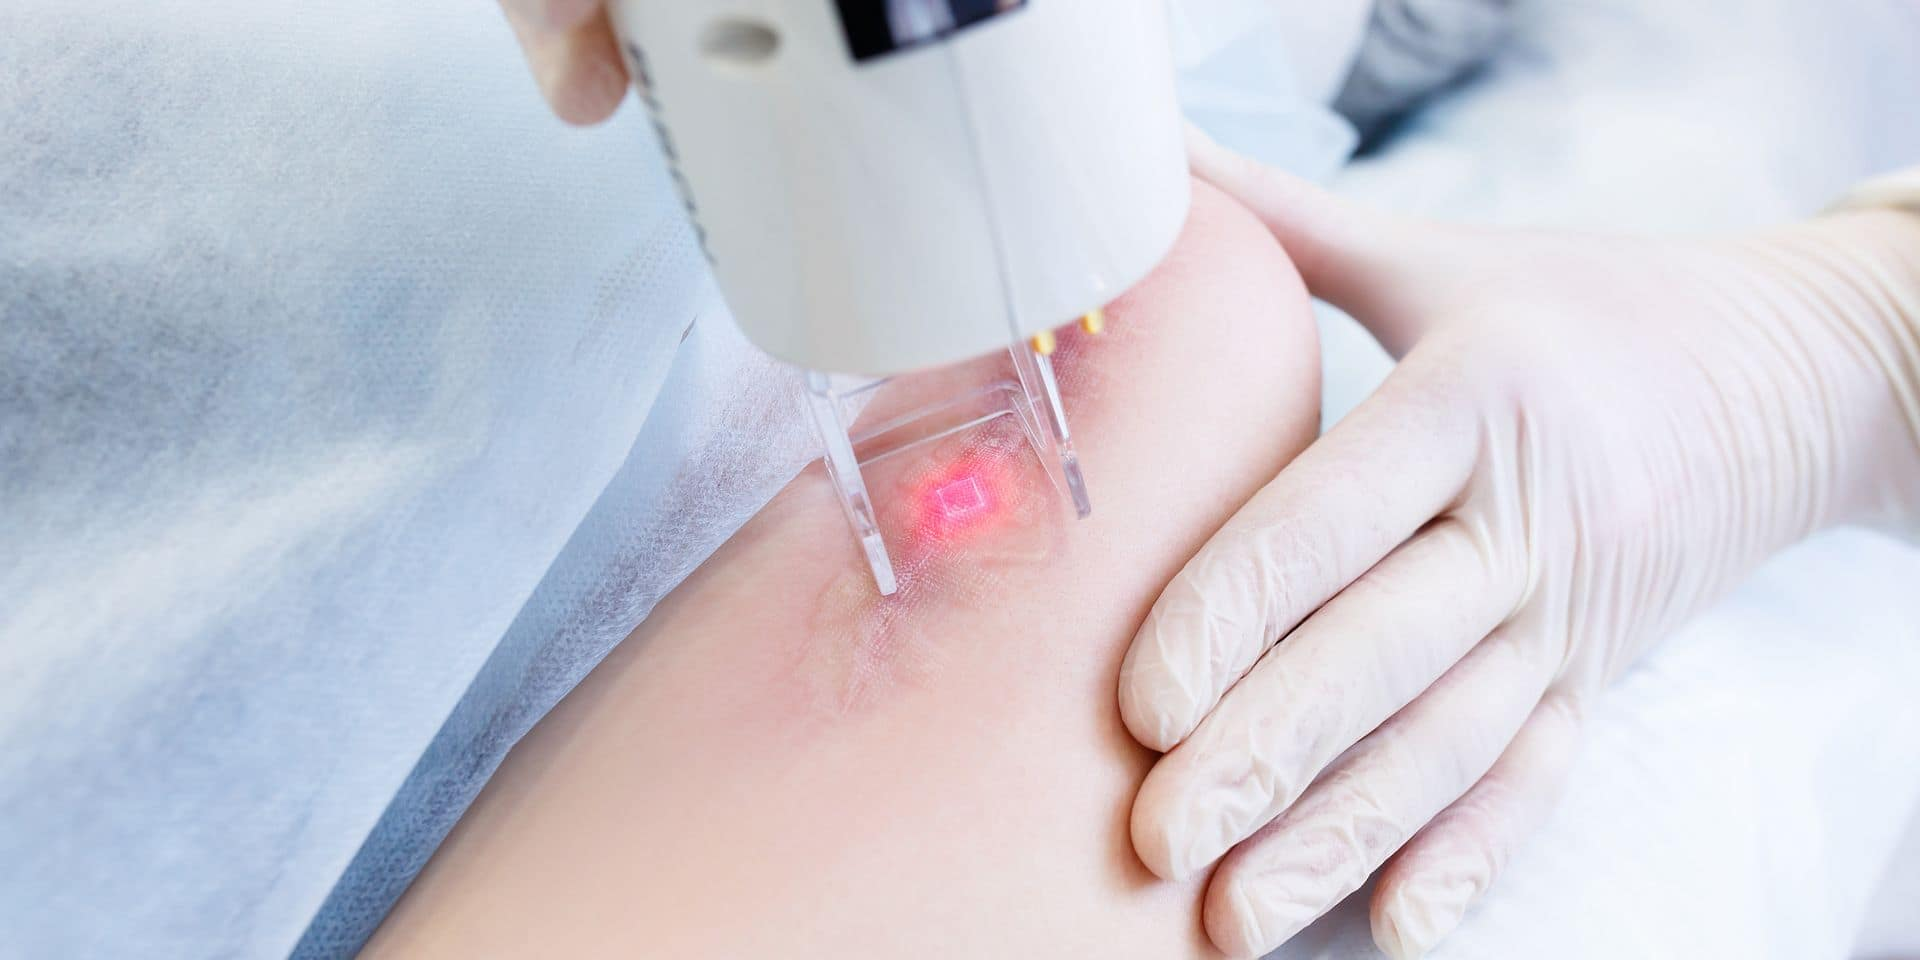 Les solutions pour atténuer les cicatrices